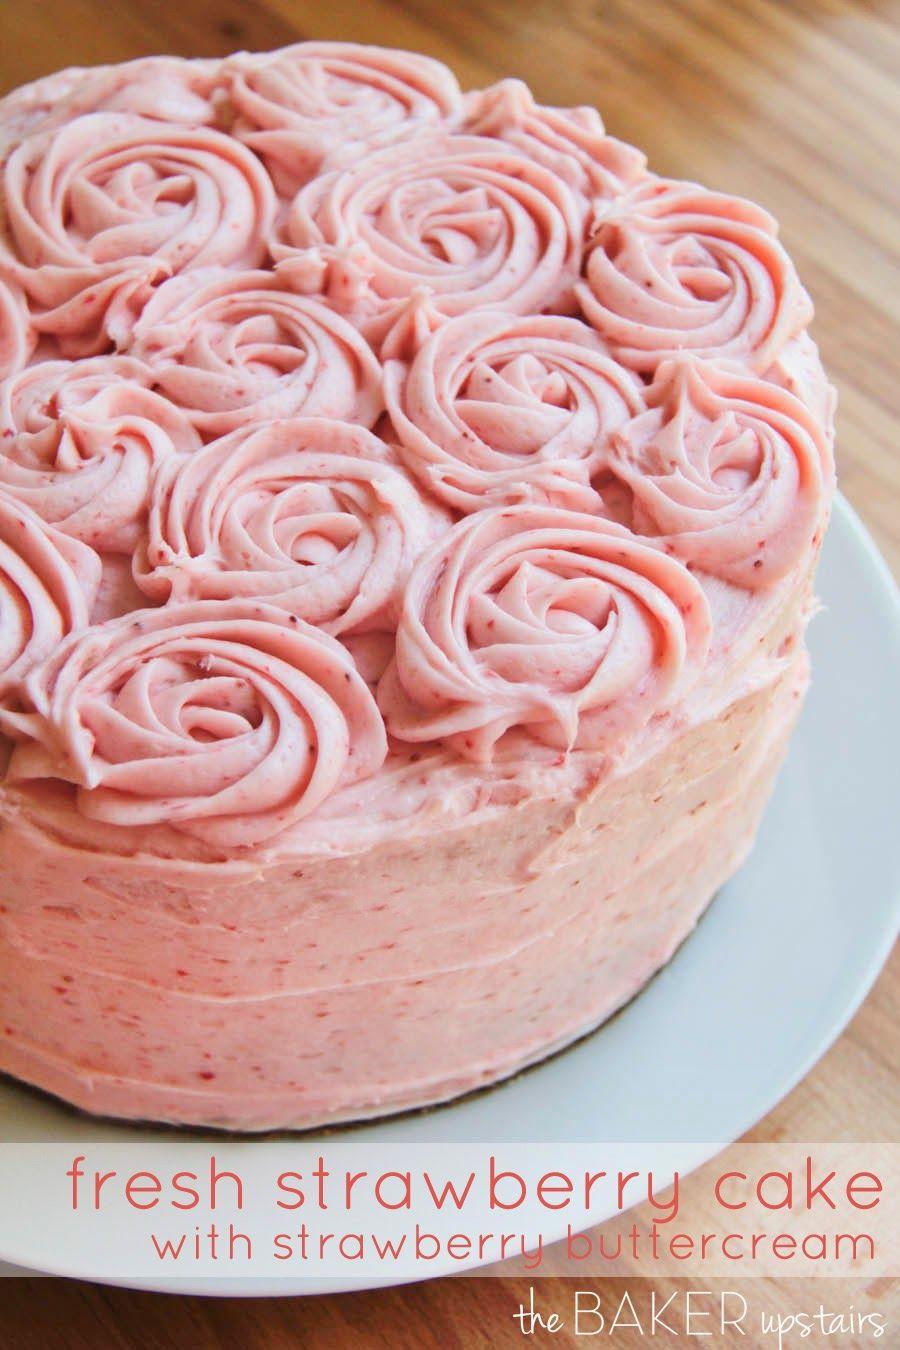 Beautiful Strawberry Cake Images : fresh strawberry cake with strawberry buttercream Fresh ...